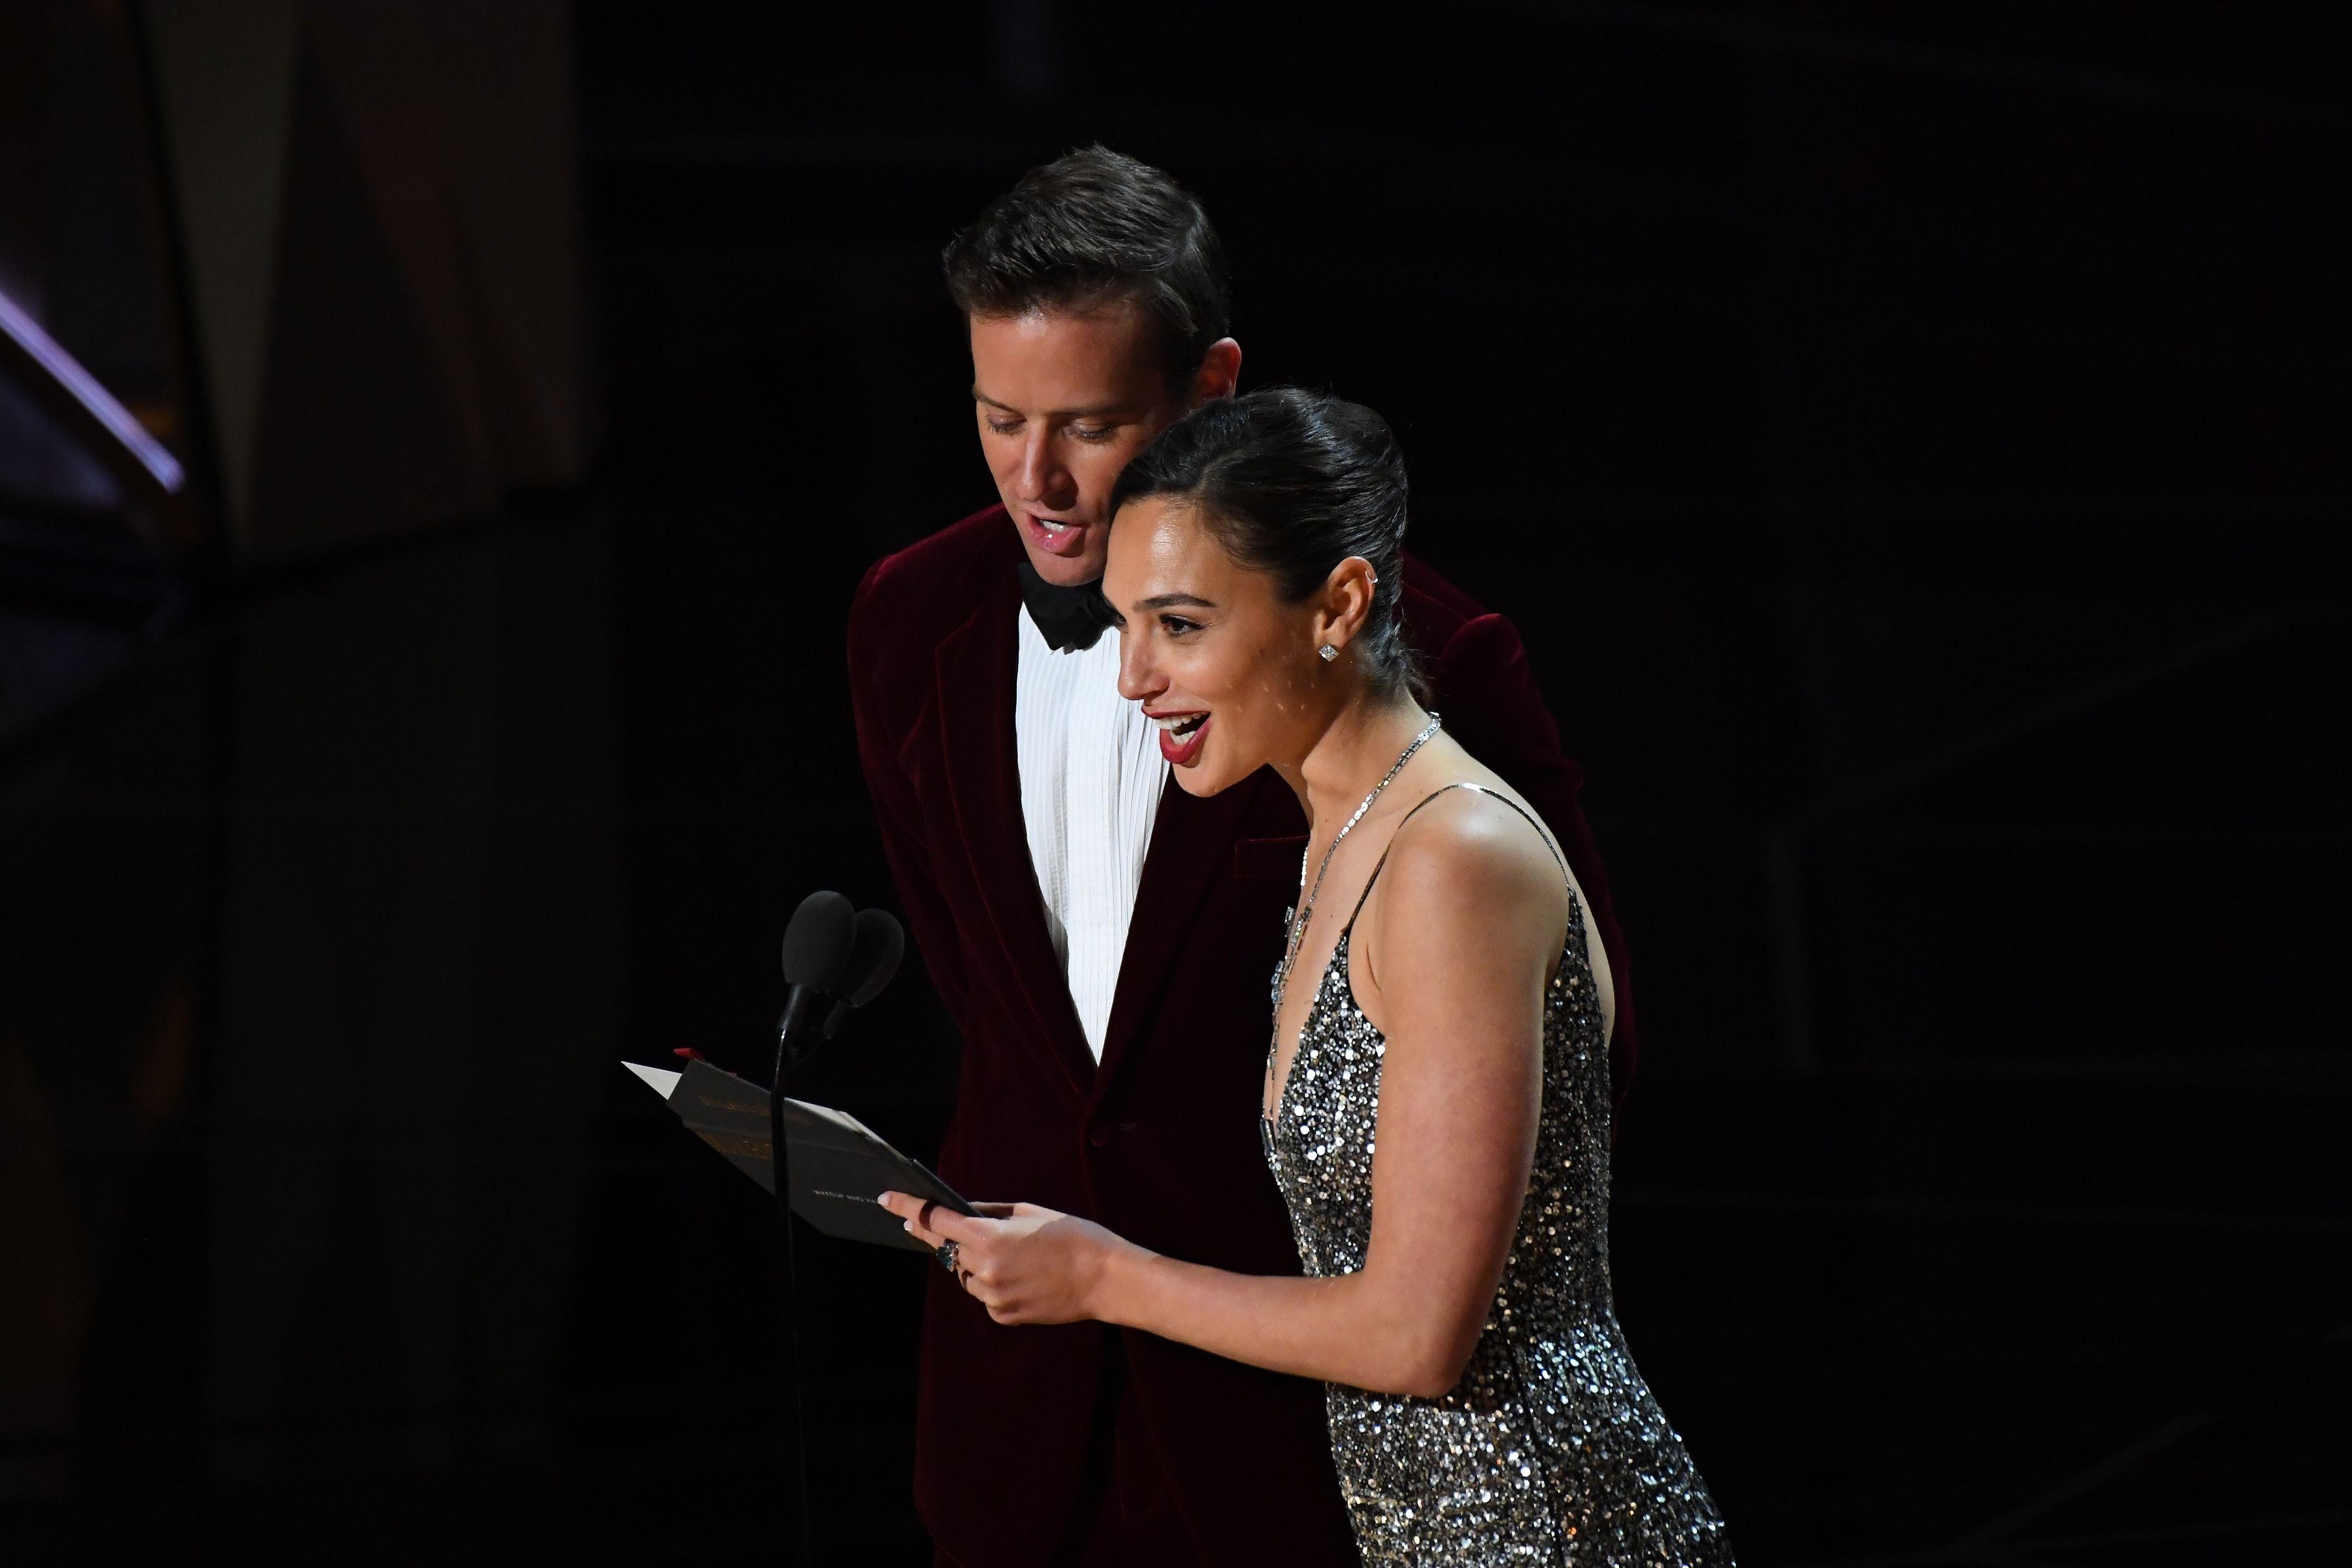 Annyira szívesen írnánk azt, hogy Diana Prince és Hal Jordan adta át a legjobb sminkért járó díjat